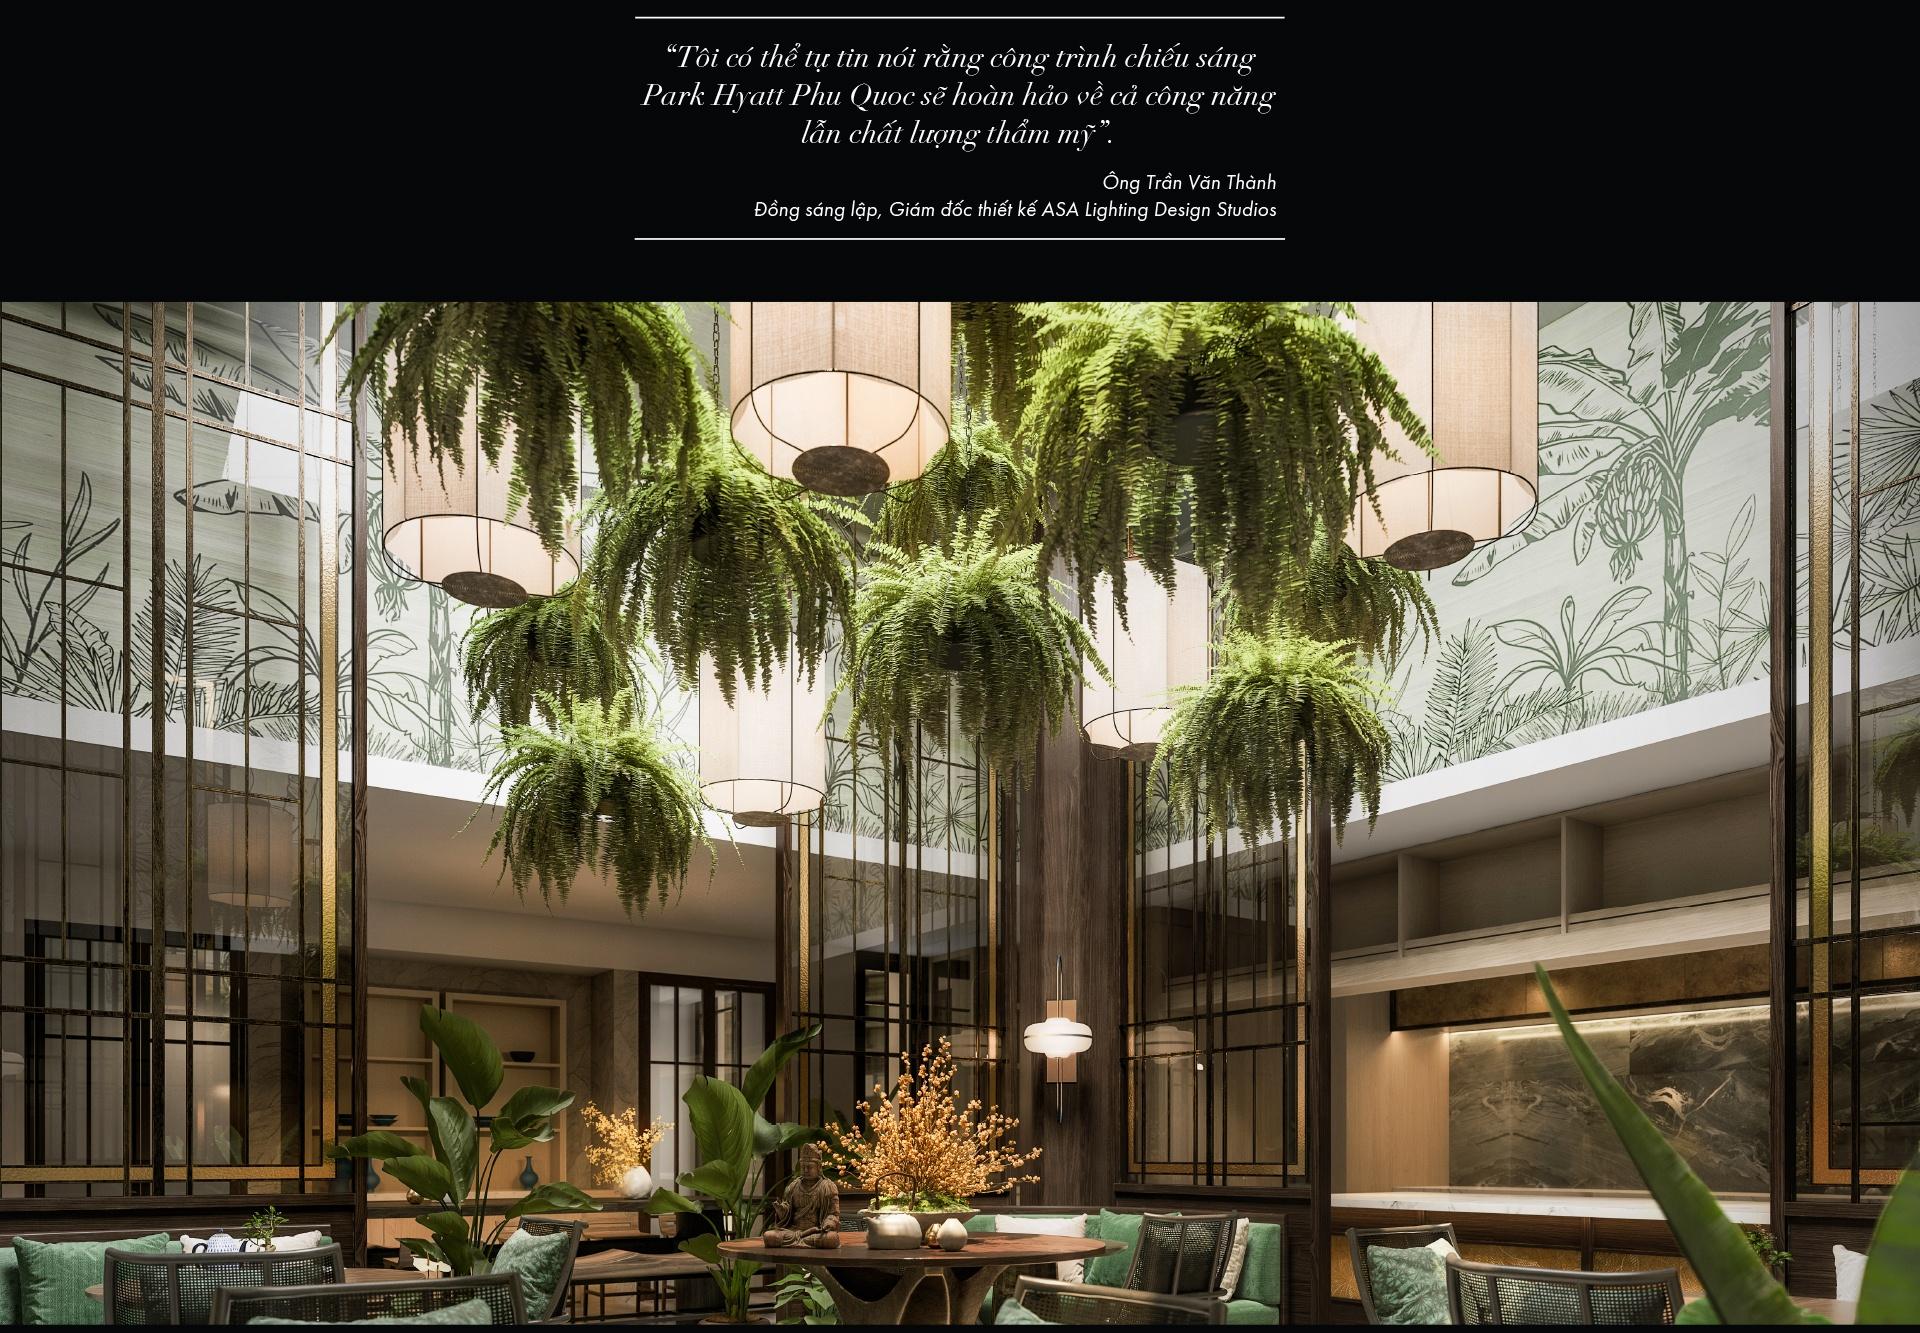 - 04_copy_1 - 'Chưa dự án nào được thiết kế ánh sáng như Park Hyatt Phu Quoc'